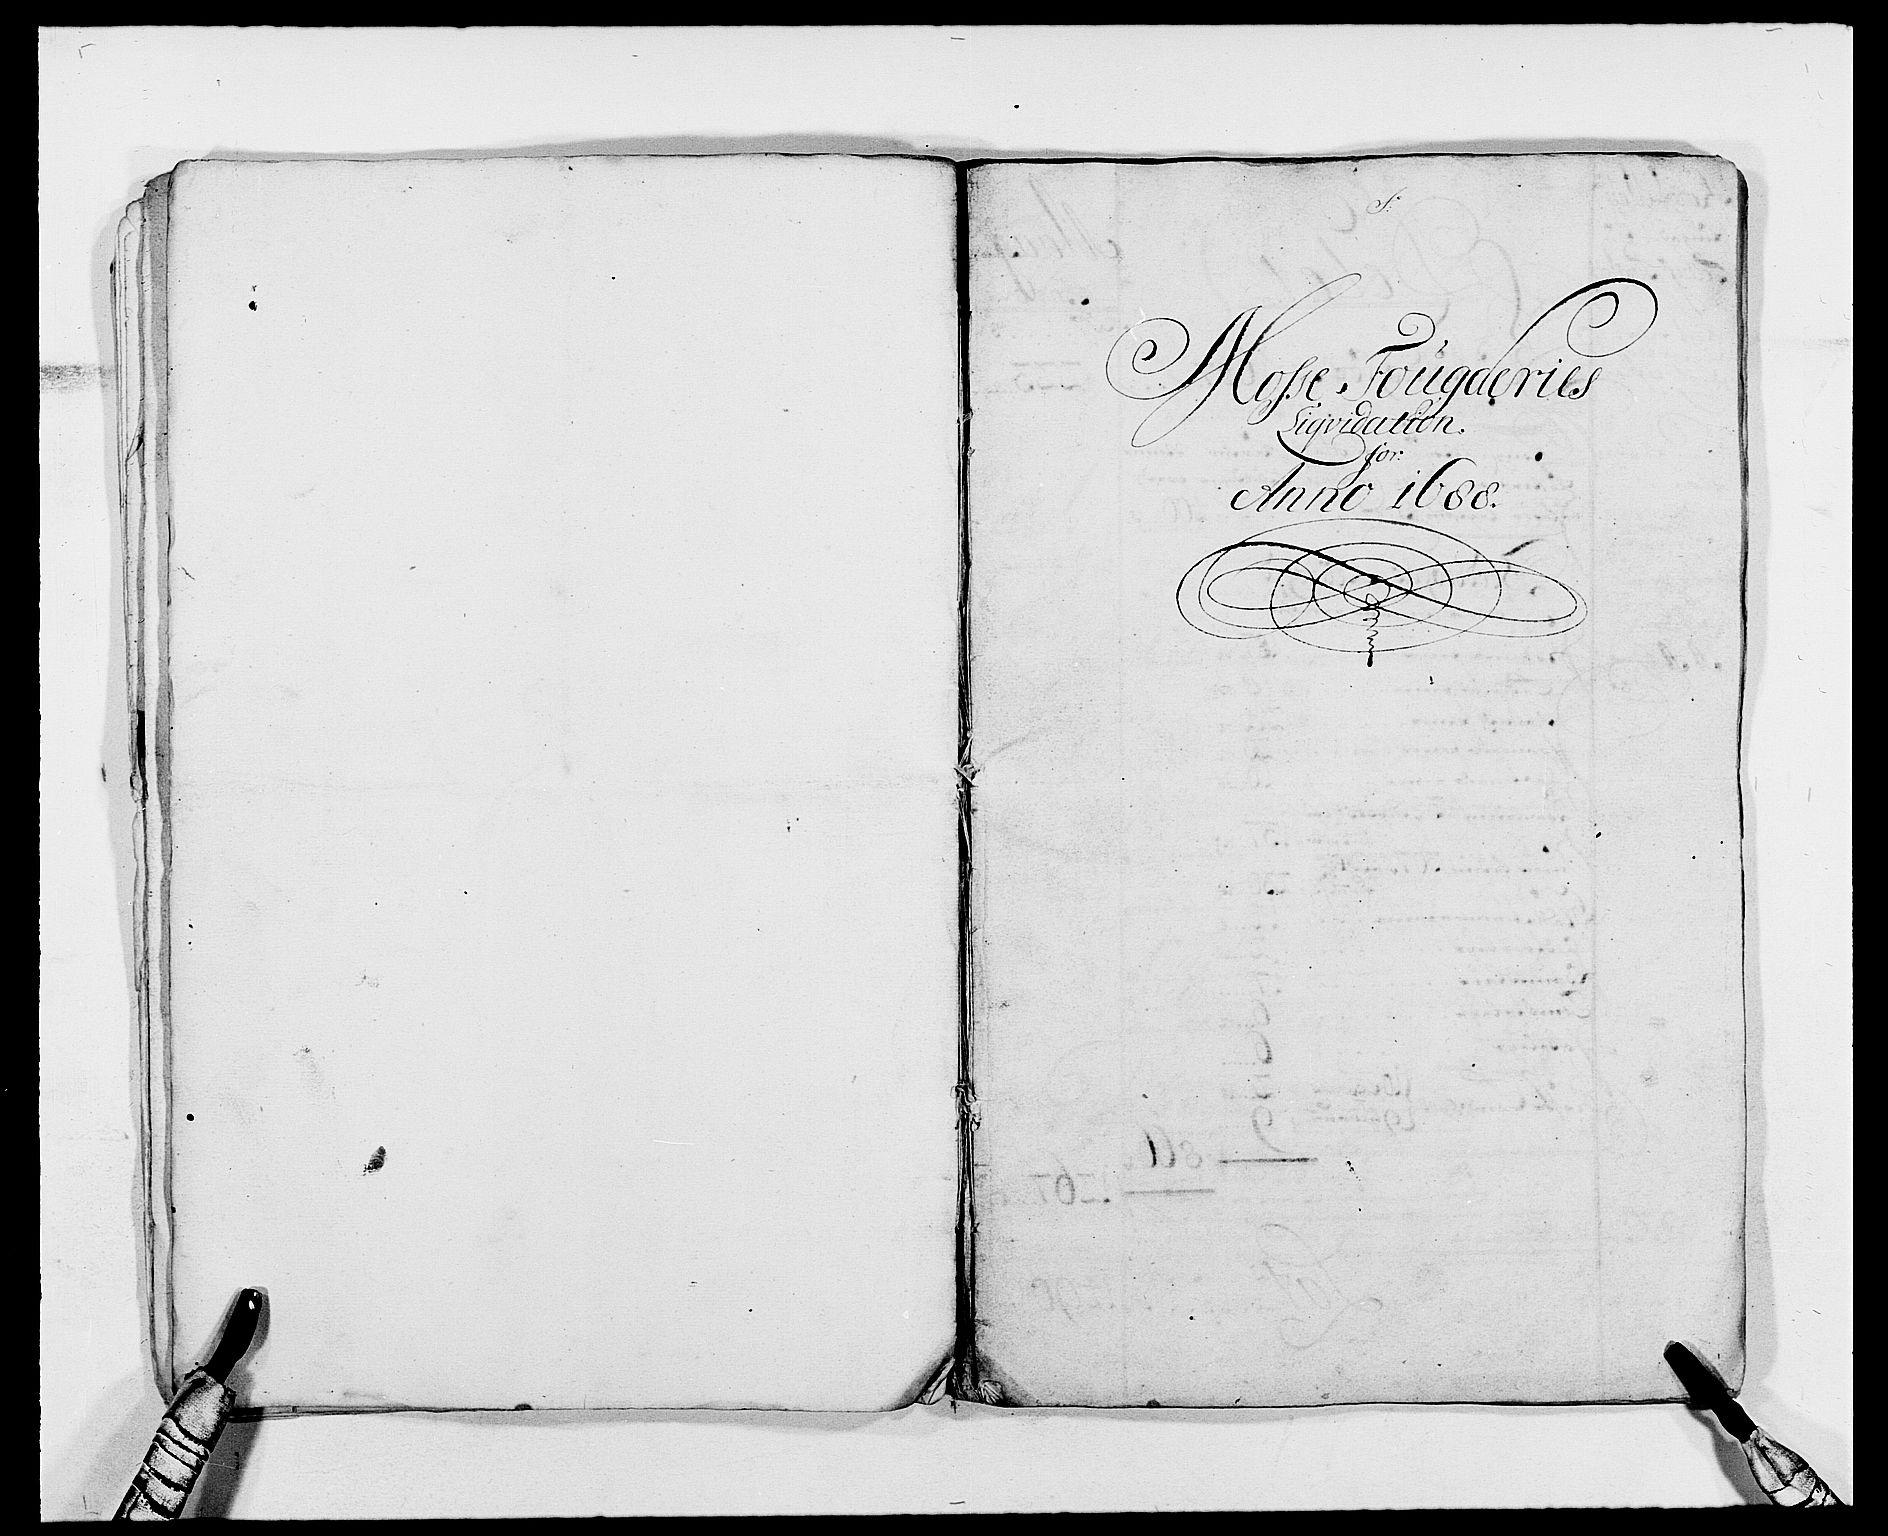 RA, Rentekammeret inntil 1814, Reviderte regnskaper, Fogderegnskap, R02/L0107: Fogderegnskap Moss og Verne kloster, 1685-1691, s. 23